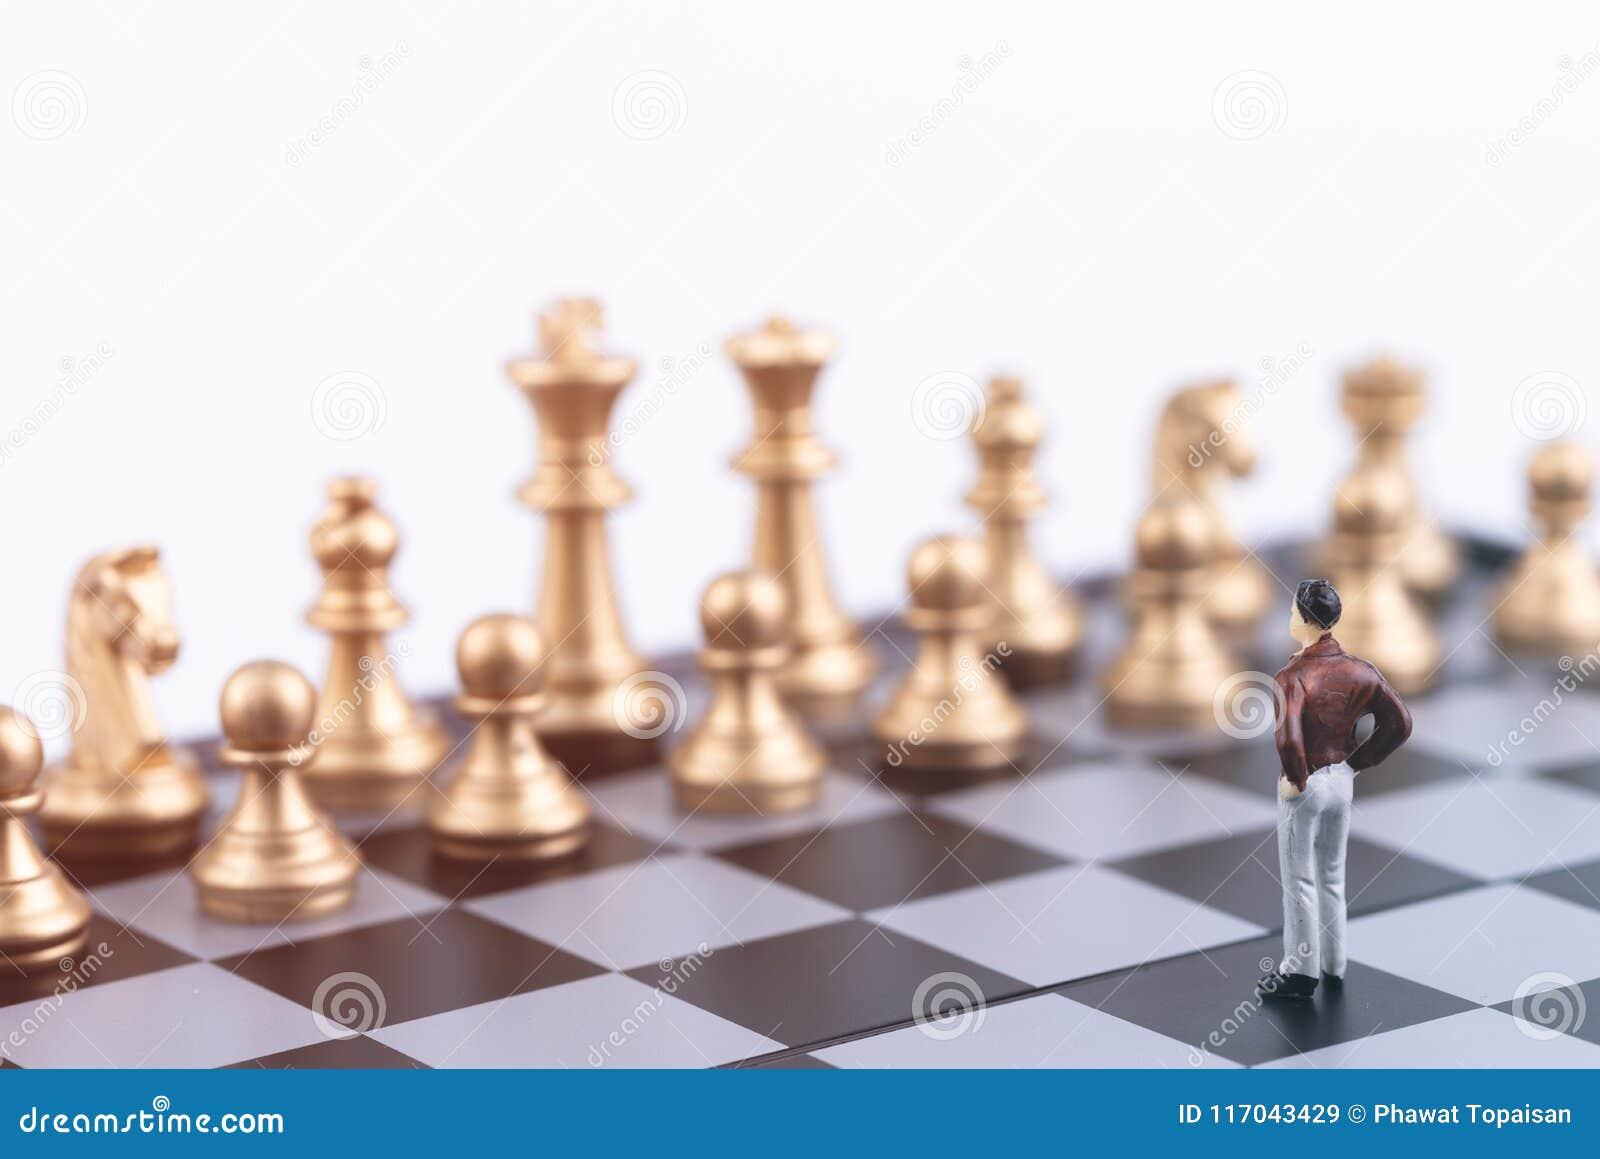 Prévoyez la principale stratégie du concept réussi de chef de file des affaires